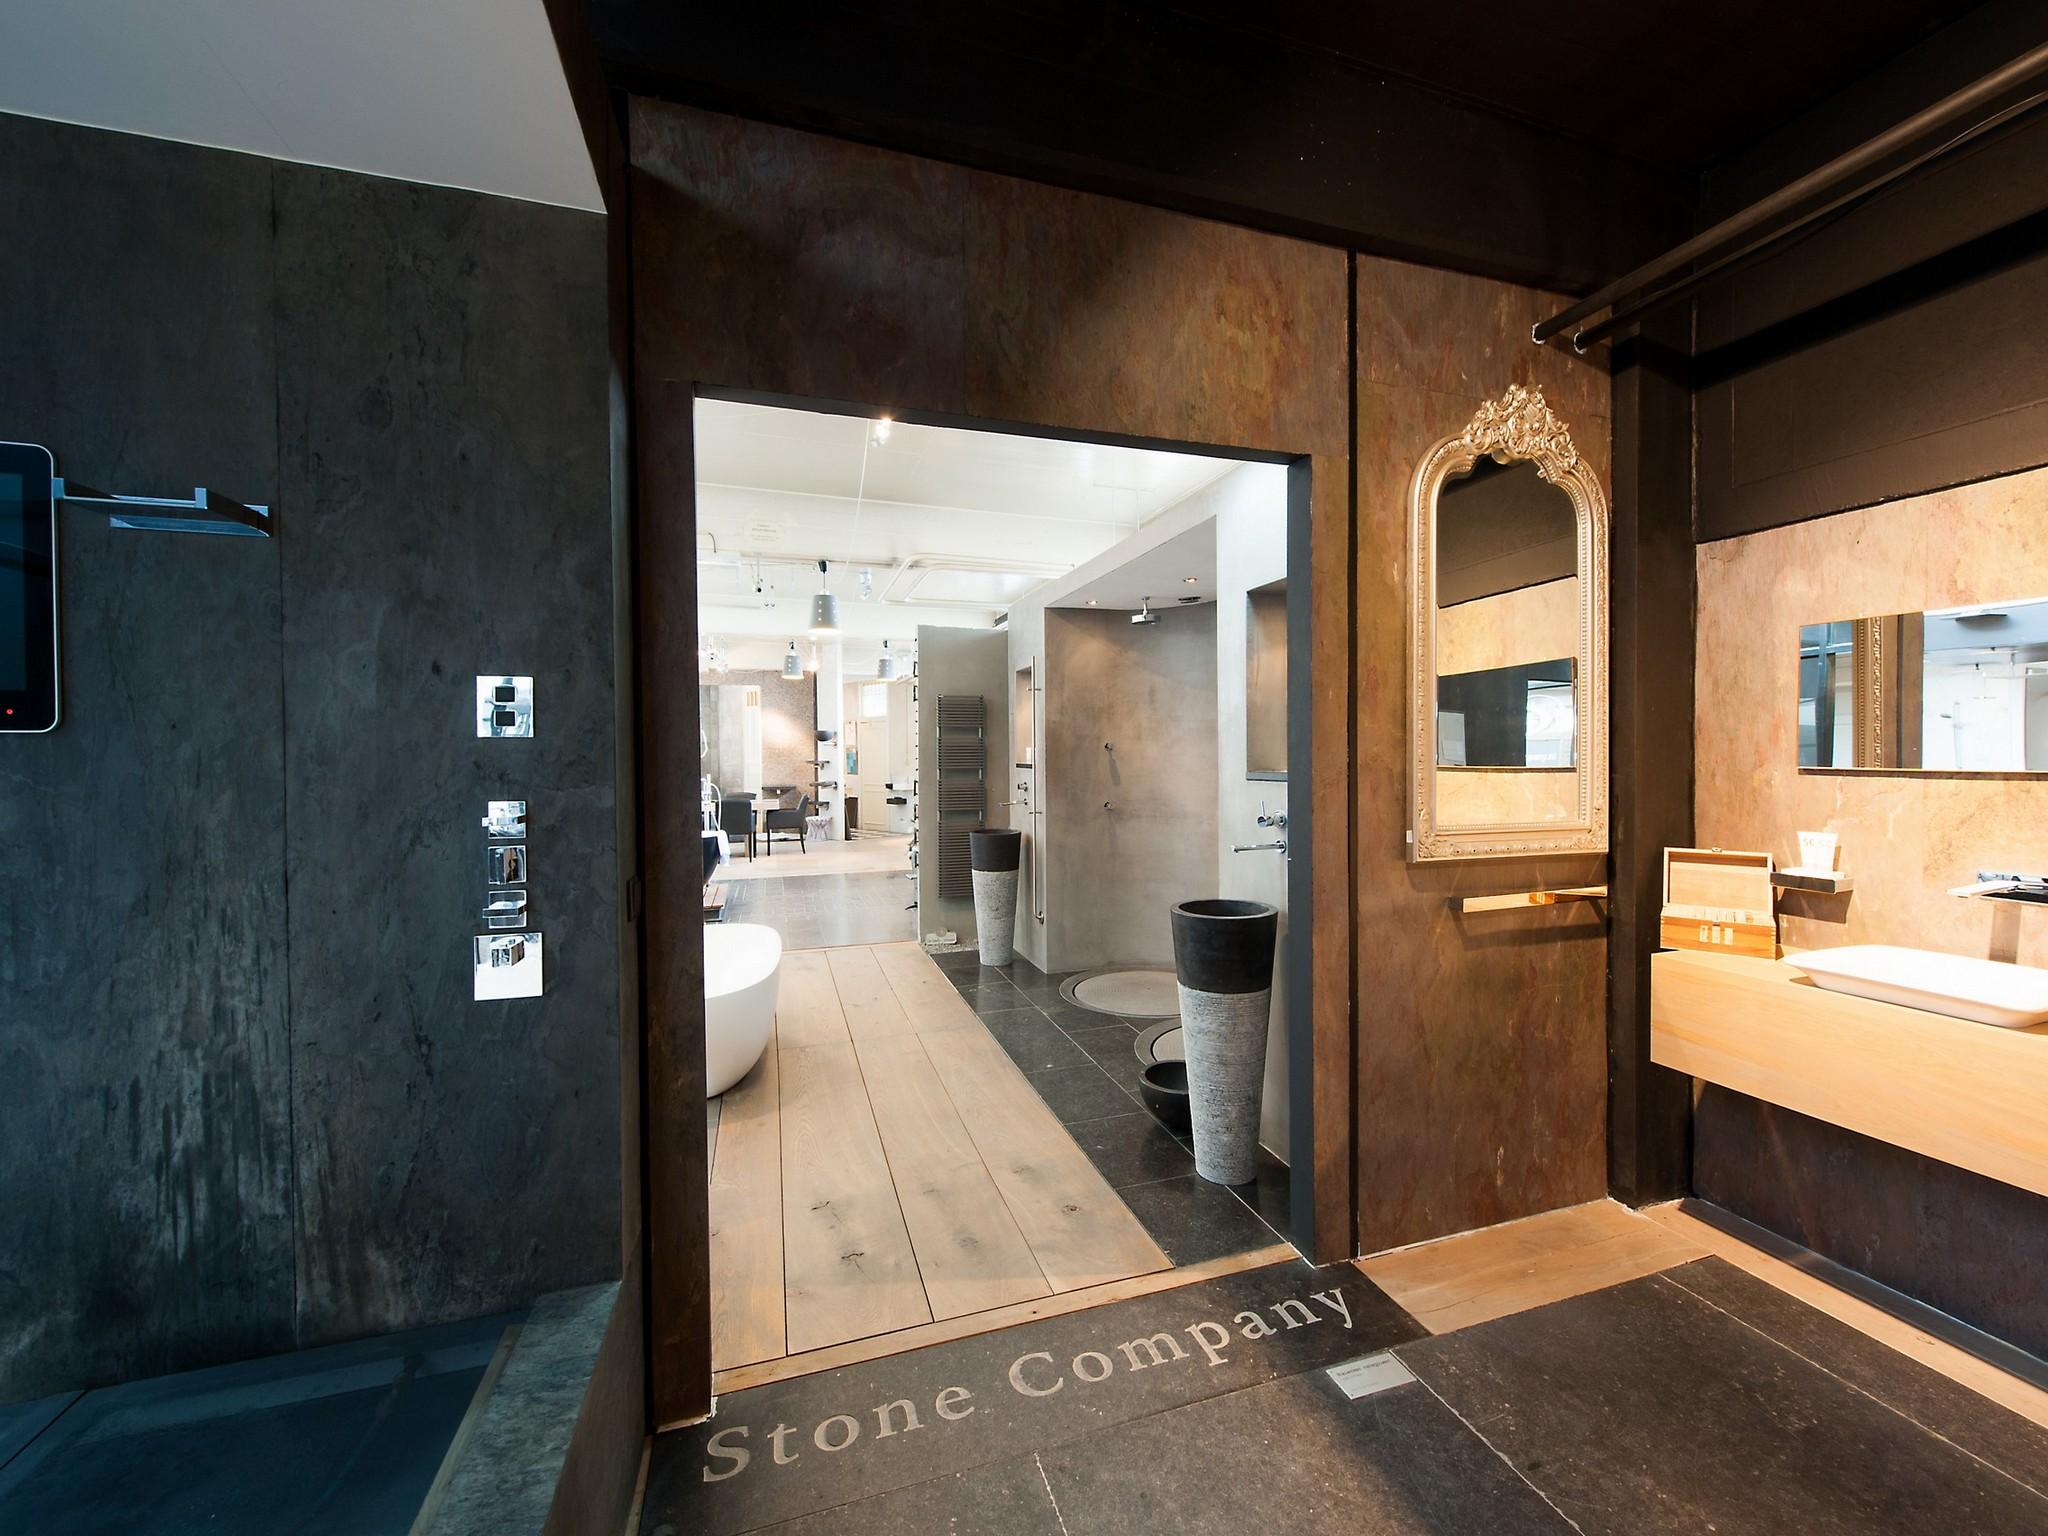 Stone Company - Hospitality Factory